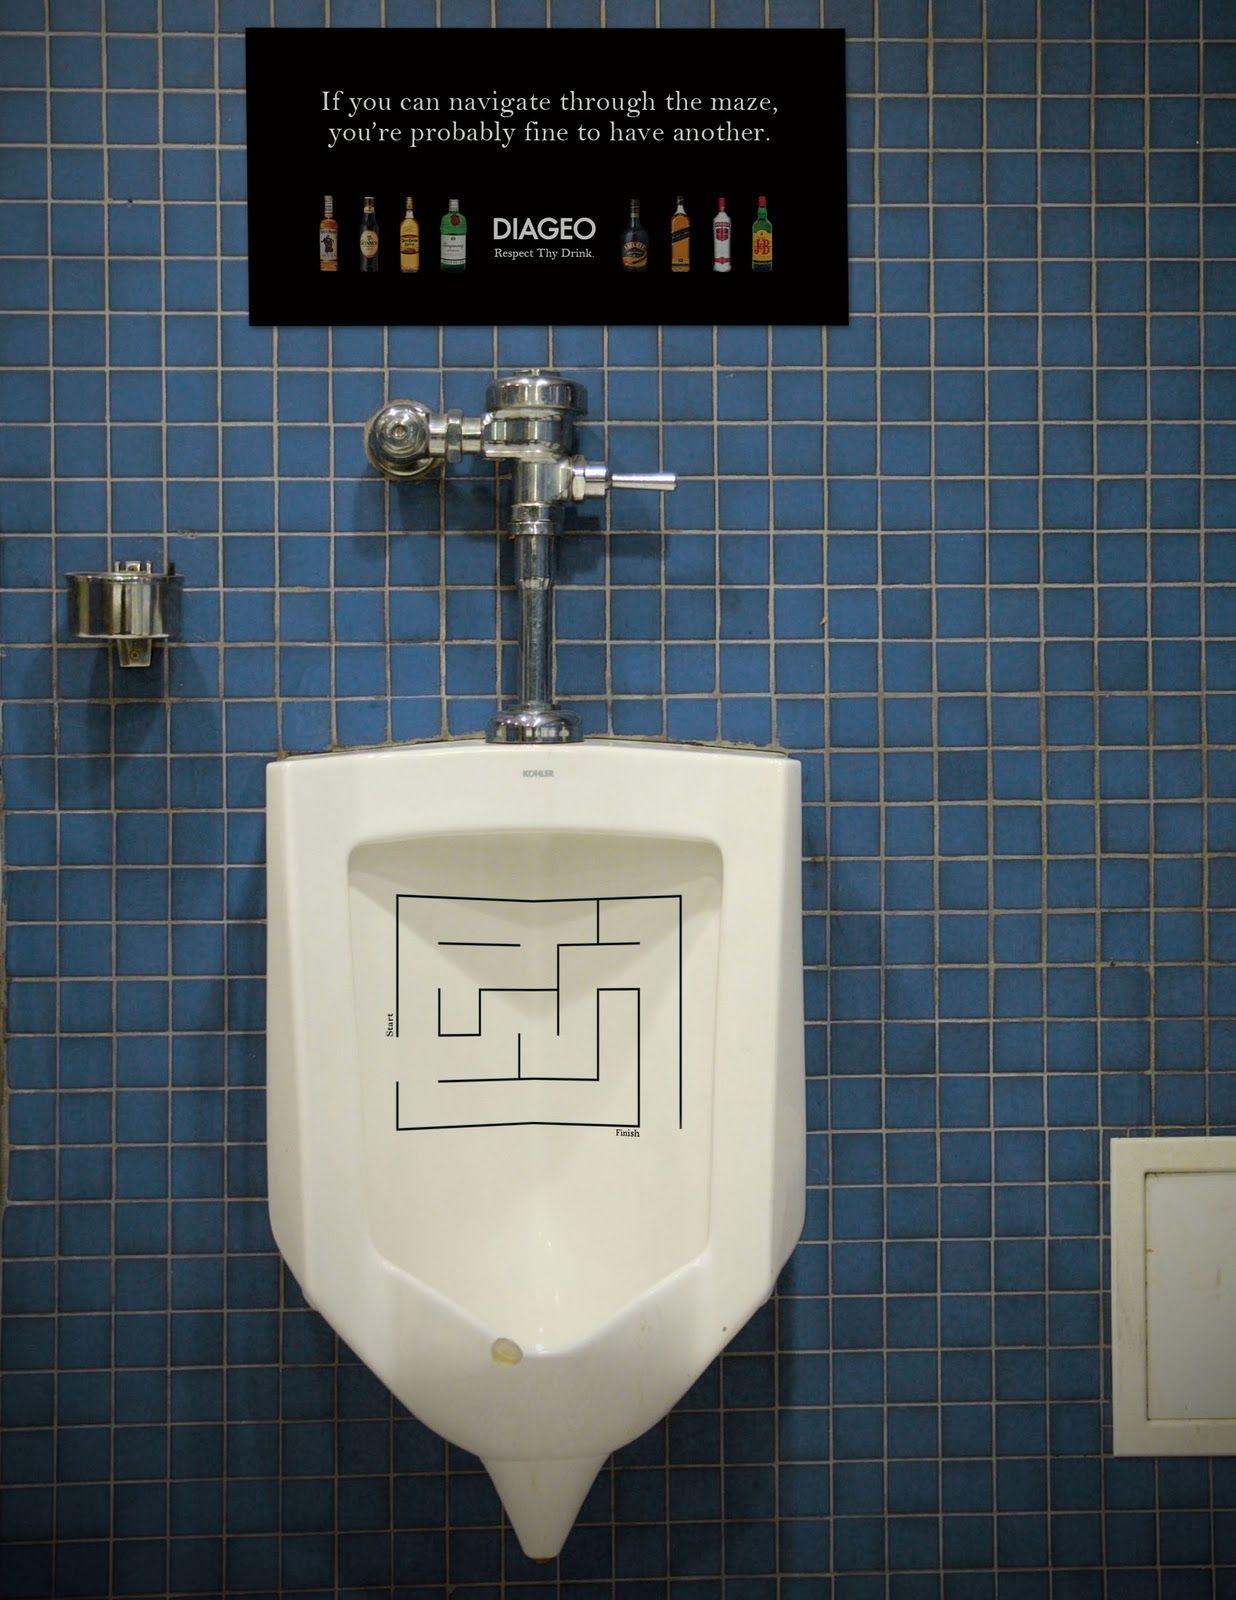 Bathroom Urinal: Bathroom, Bathroom Humor